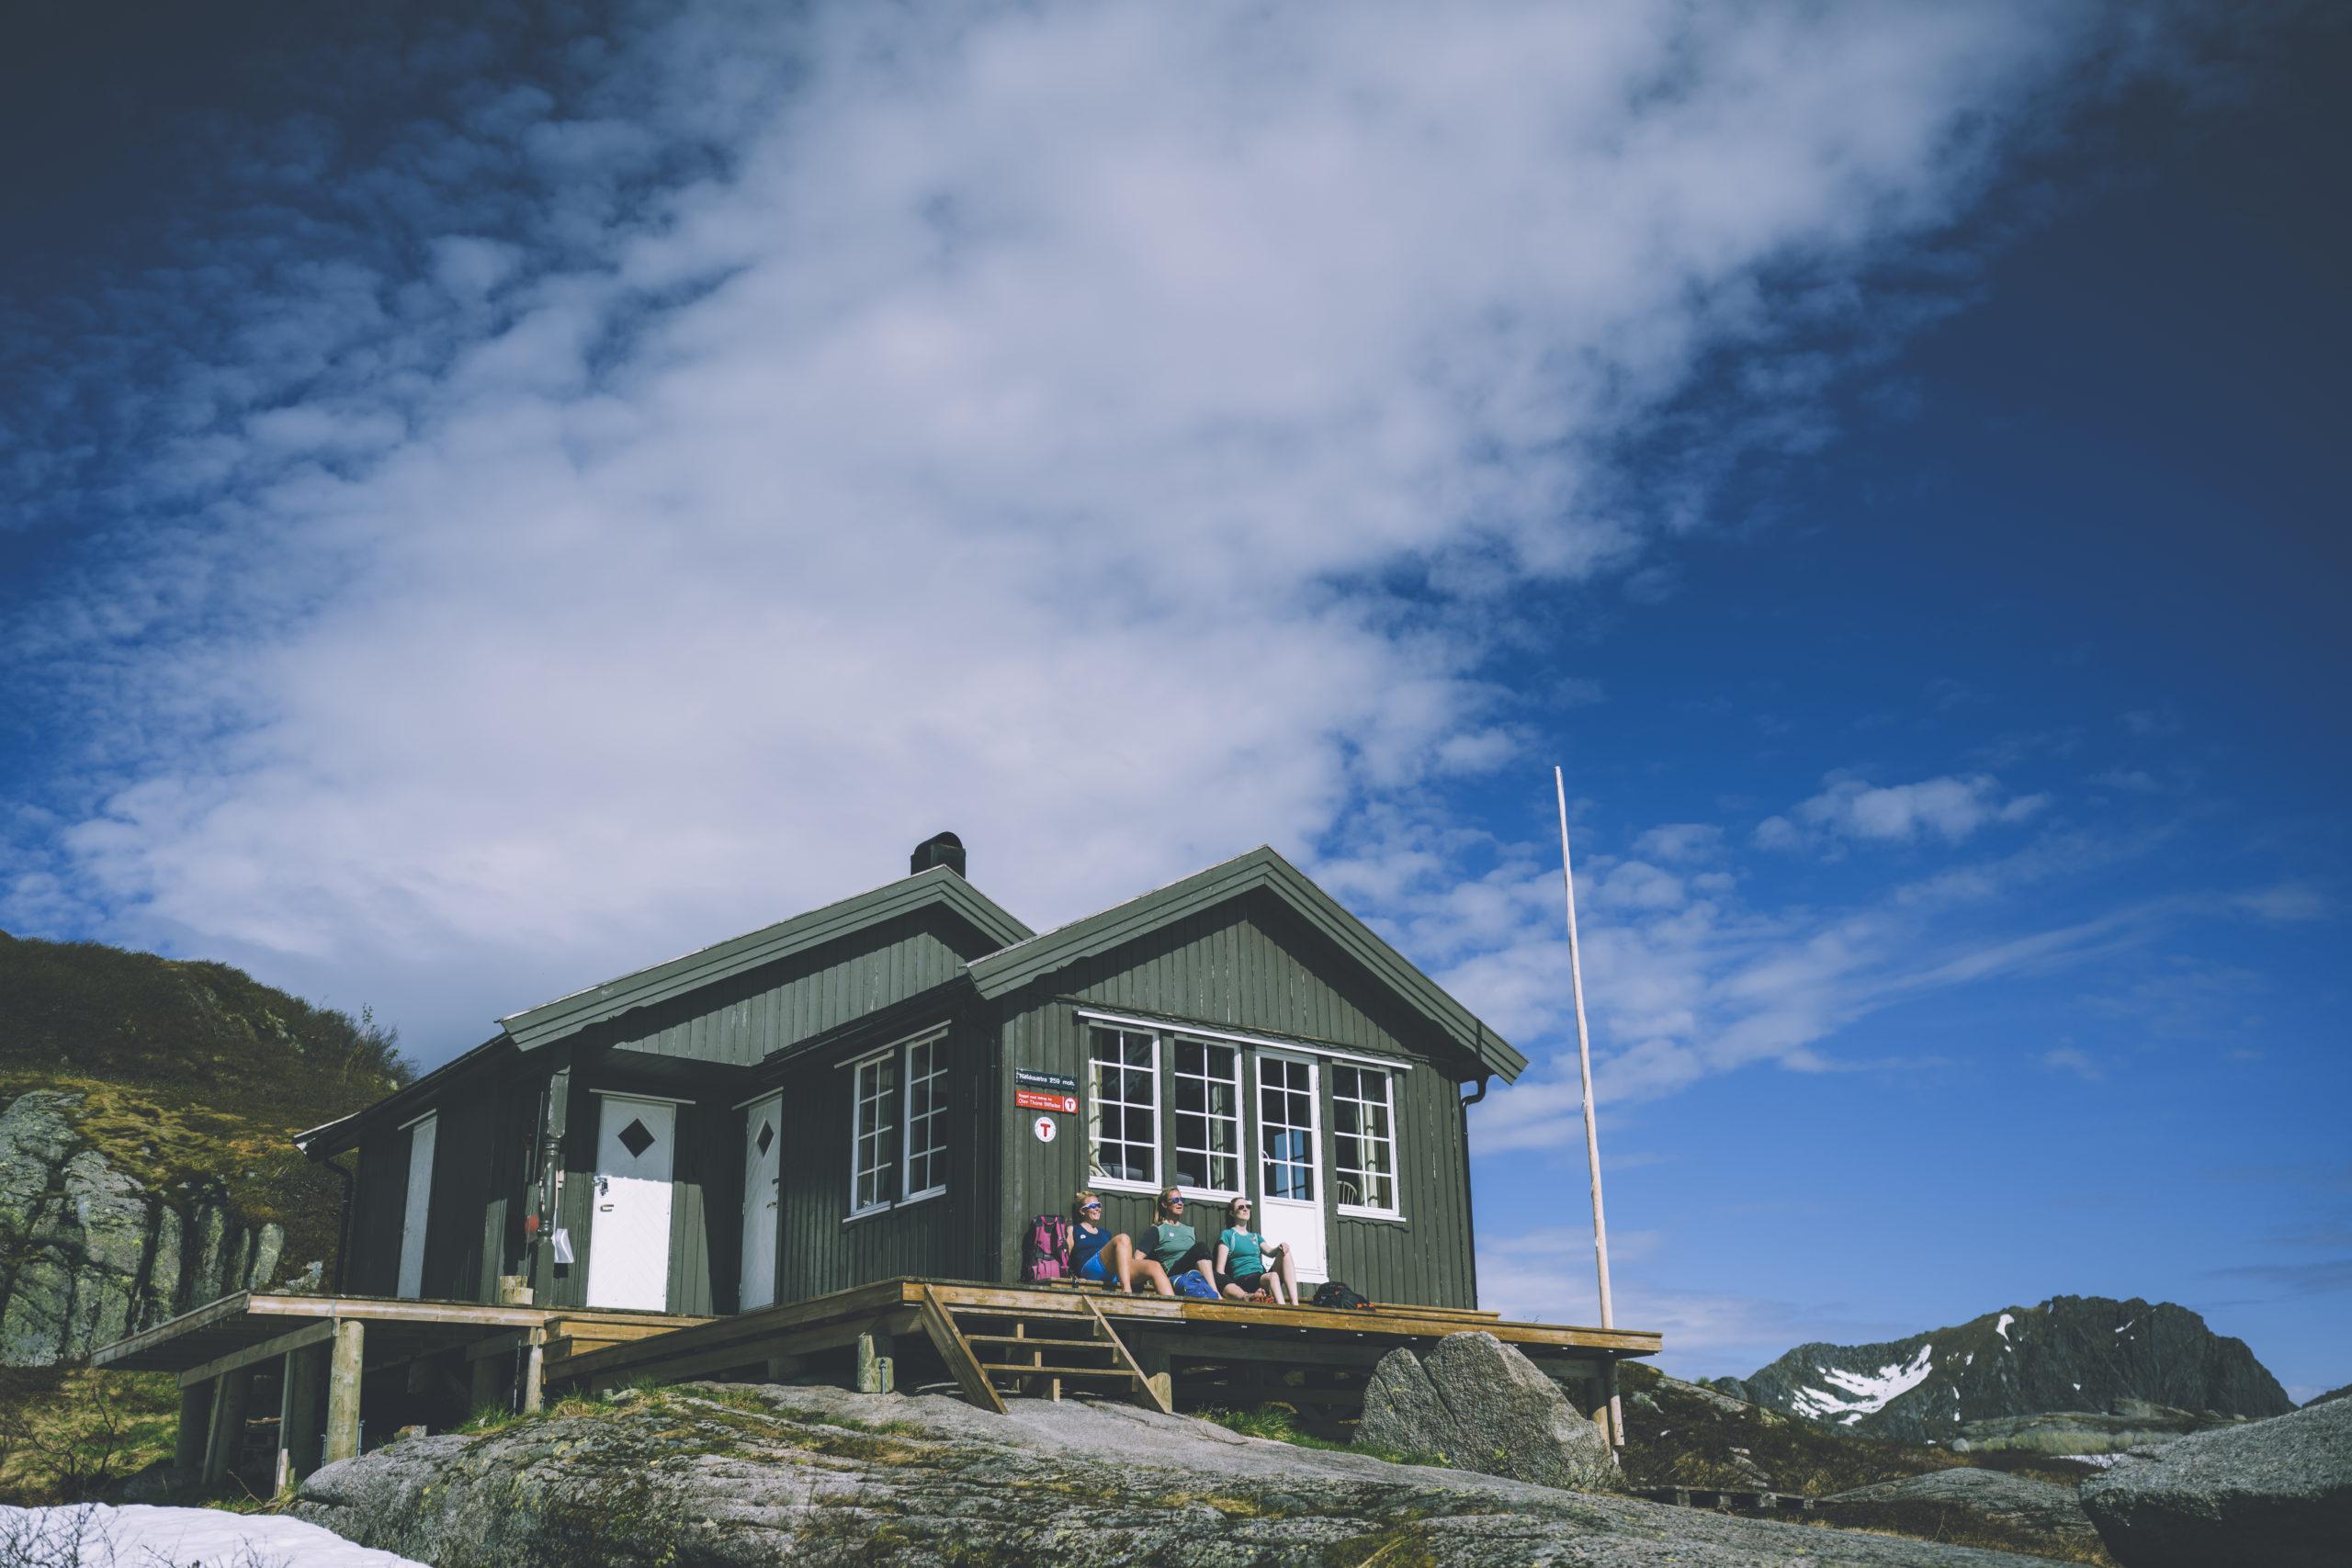 Nøkksætra ligger sentralt til i Lofoten, og turen opp til hytta starter rett utenfor Svolvær sentrum.